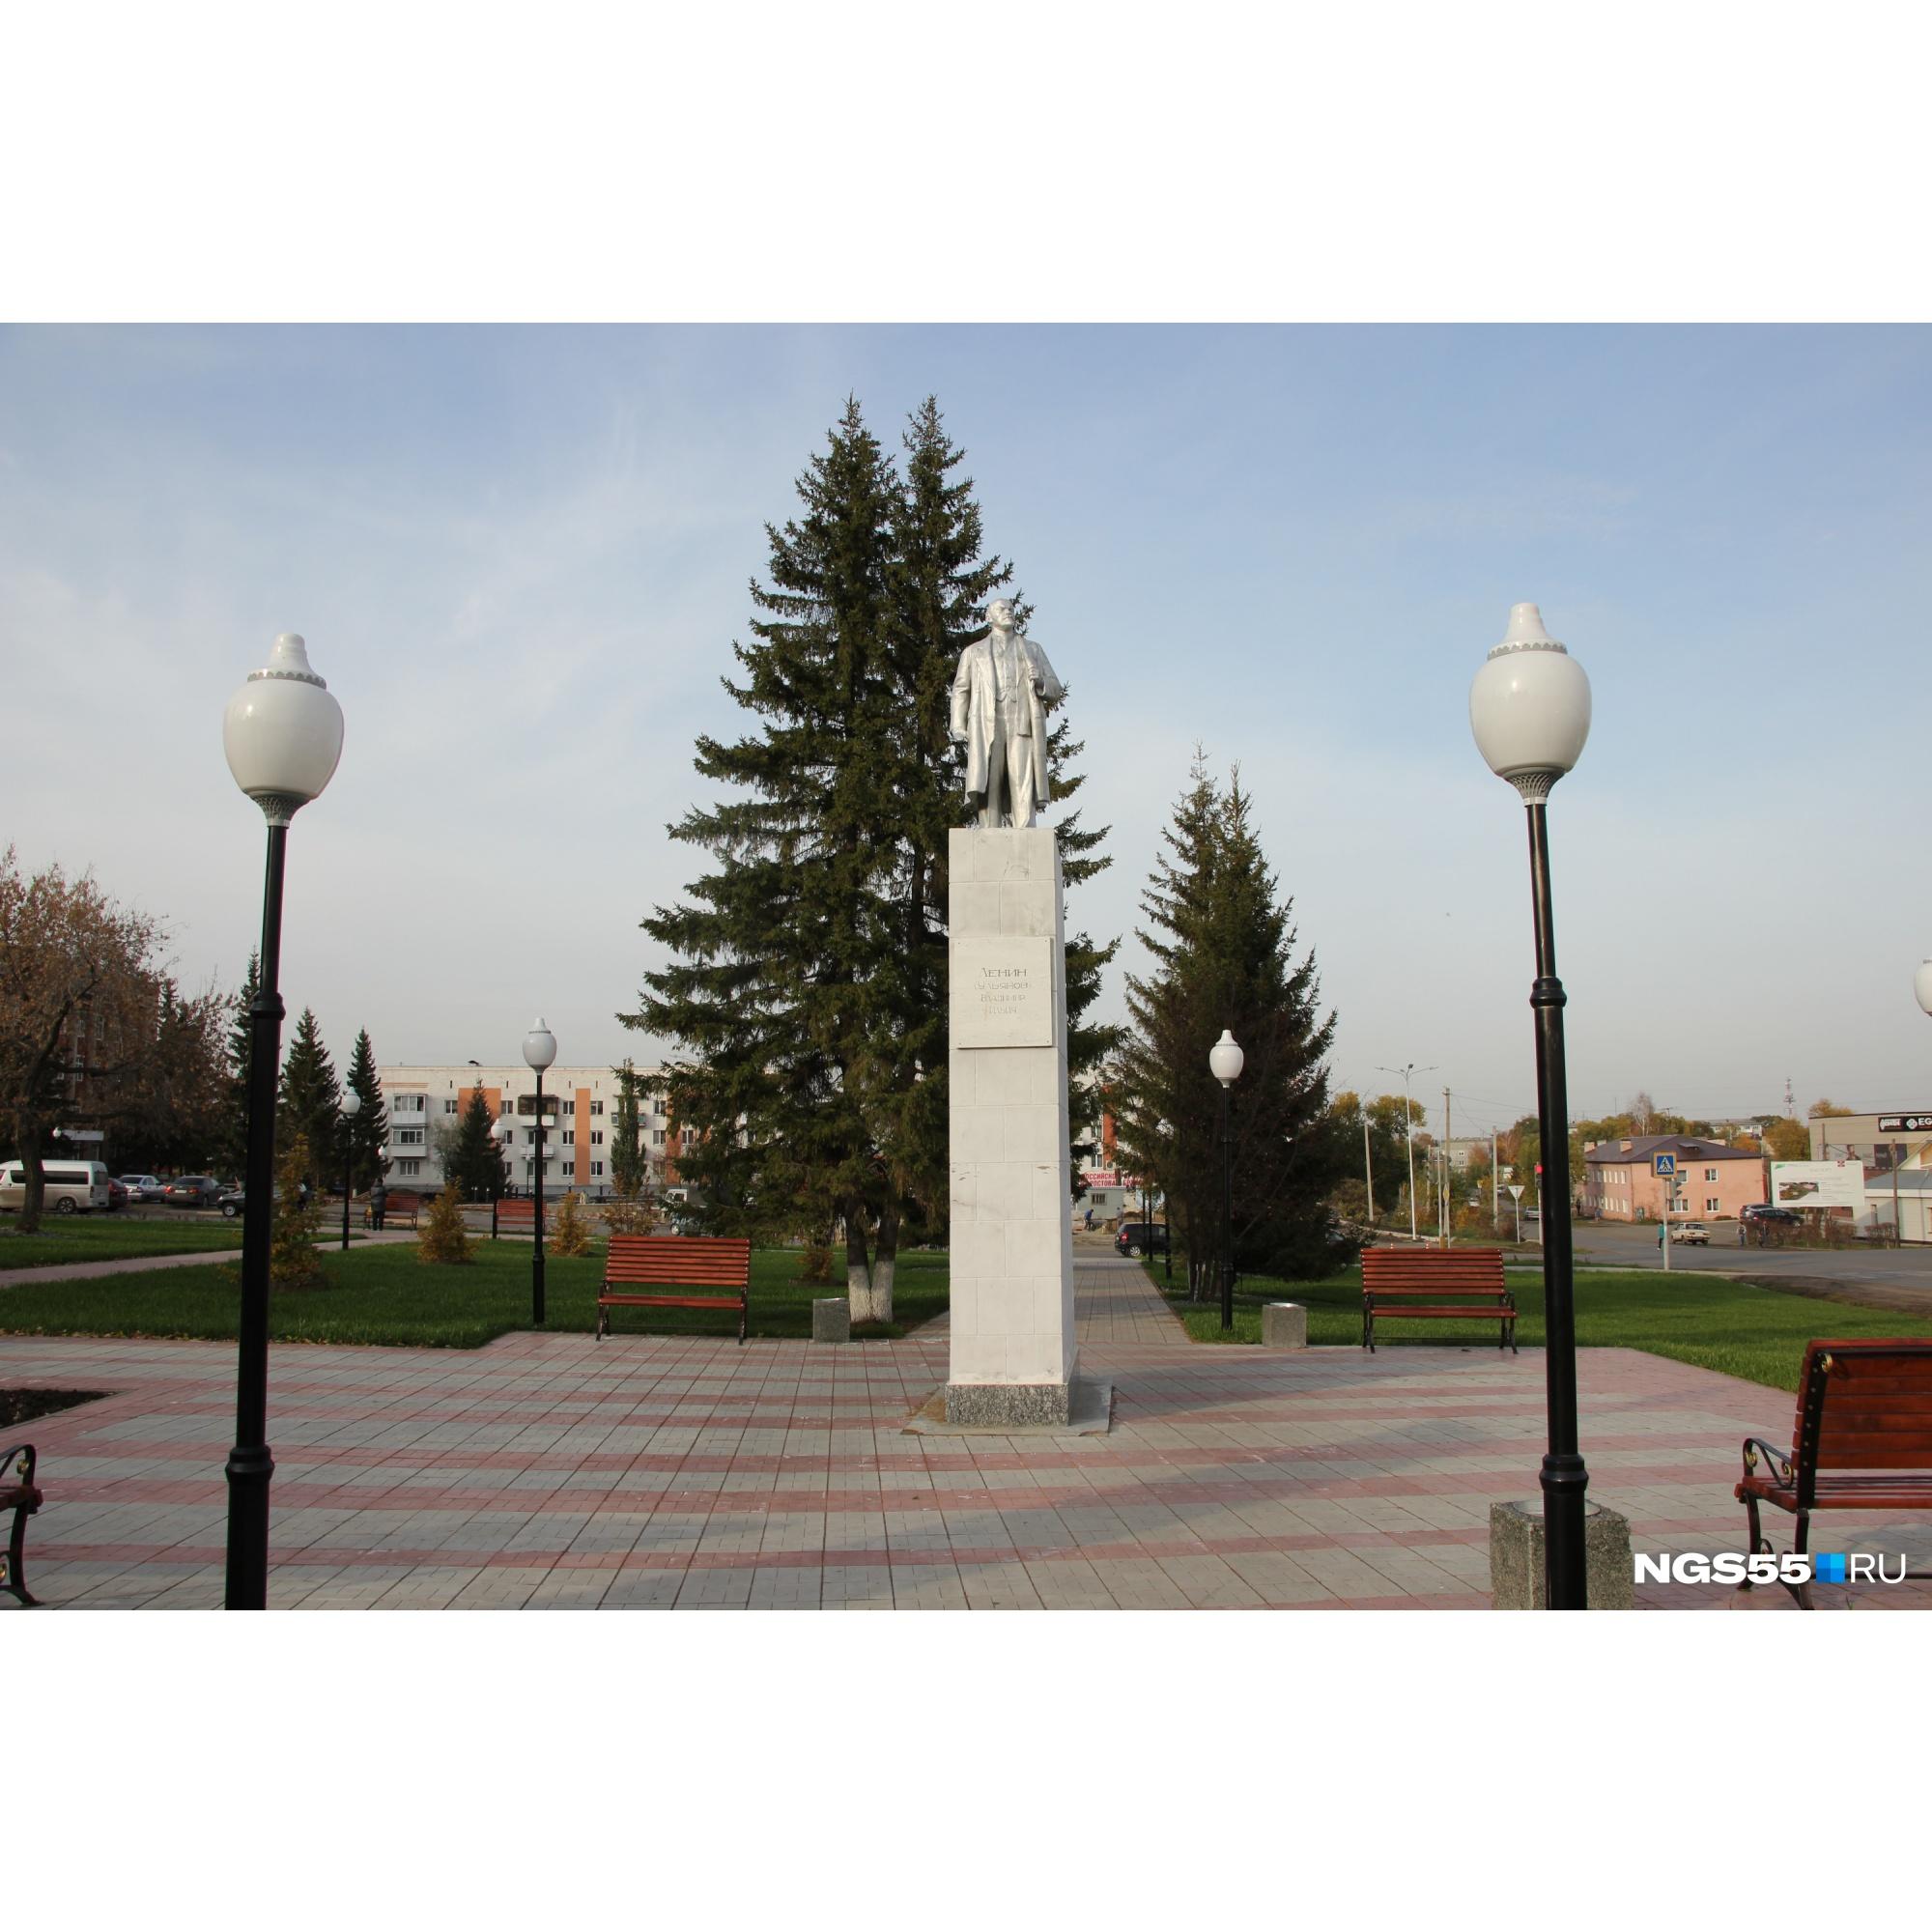 Памятник Ленину вызывал споры